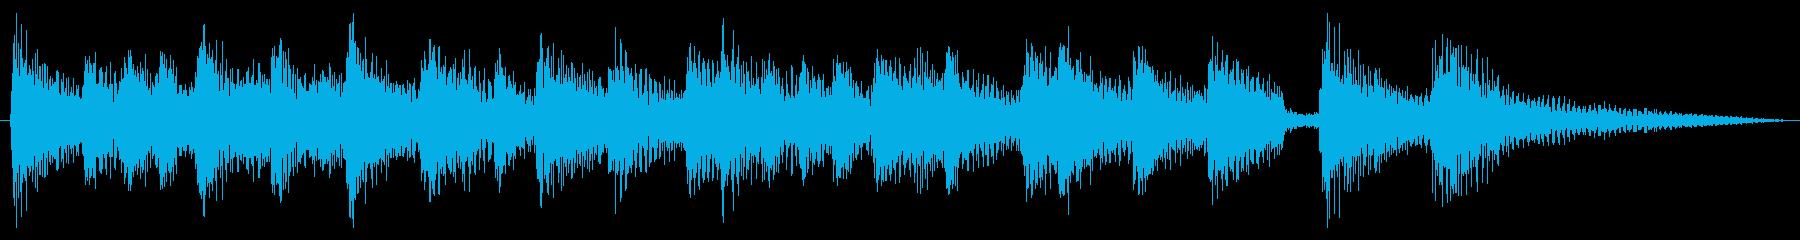 おしゃれ・爽やか・ボサノバジングルの再生済みの波形